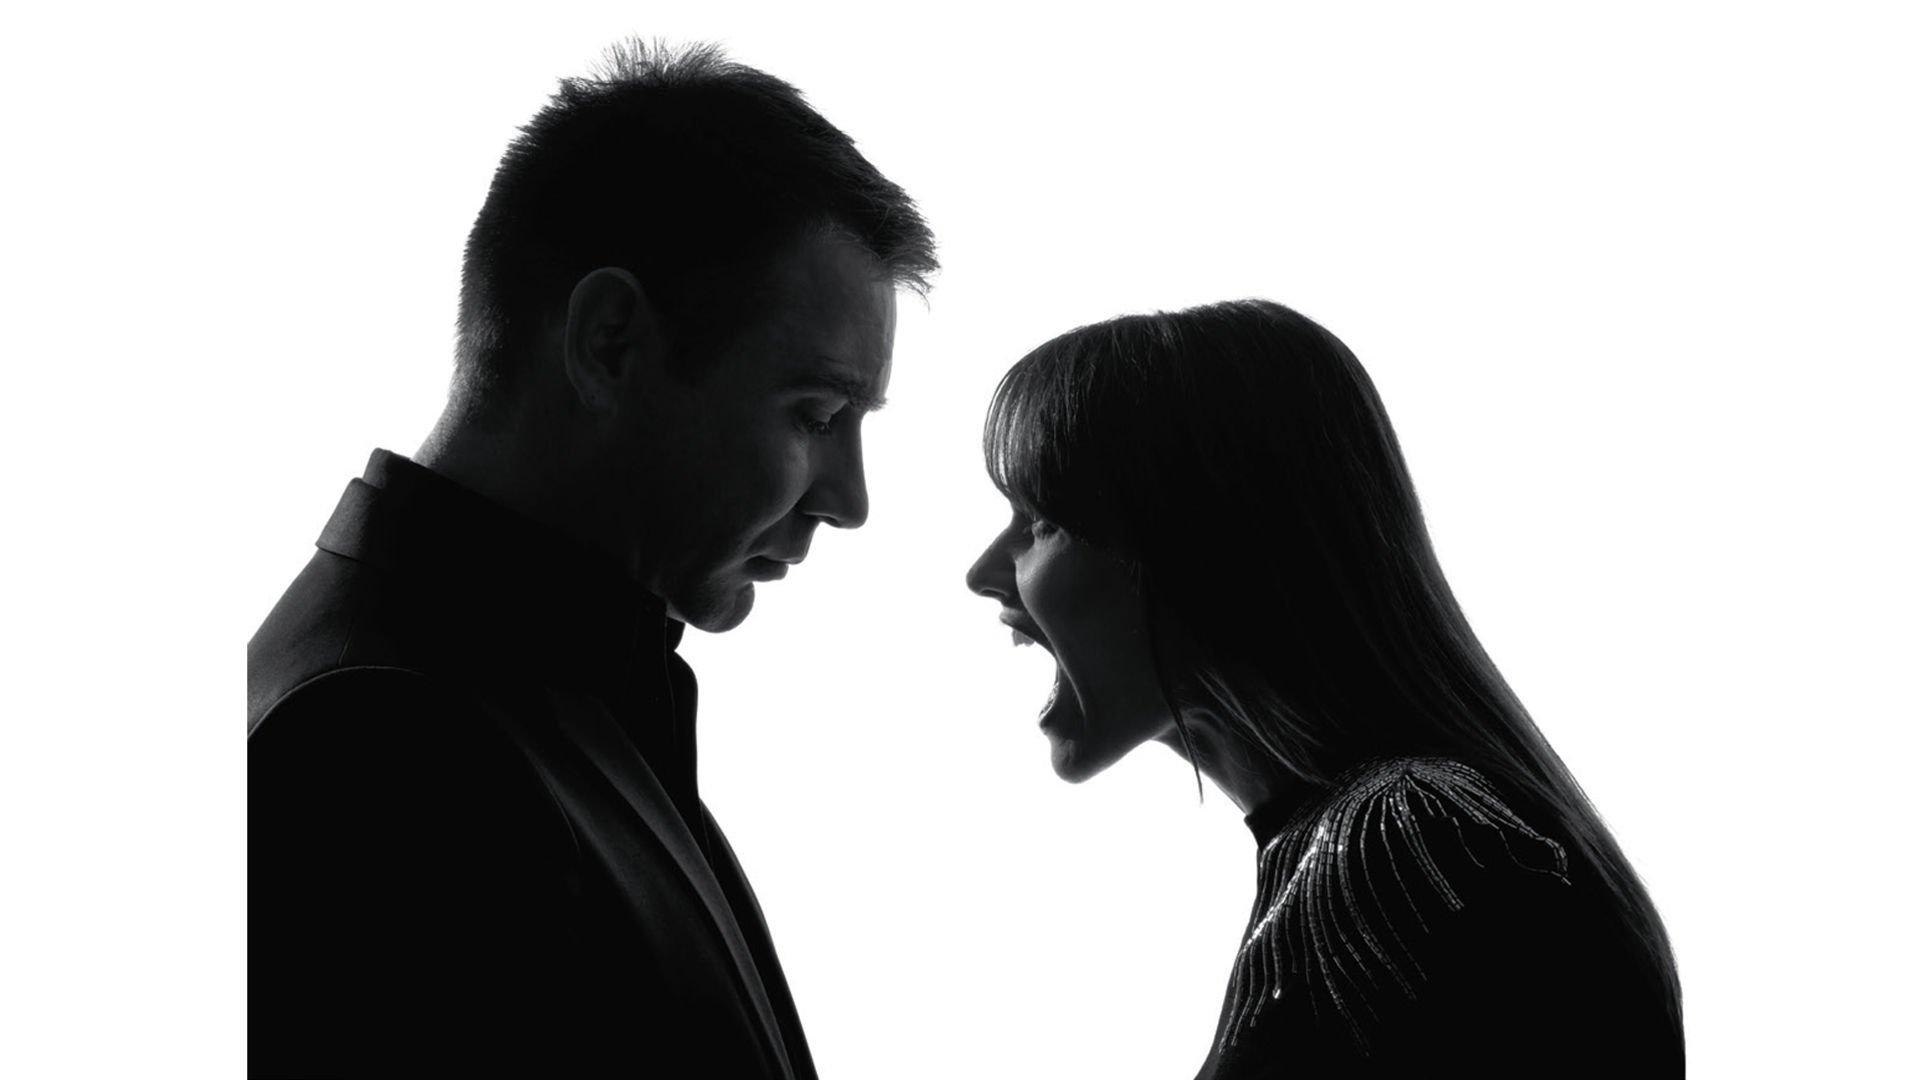 Kadın ve erkeklerin ilişkiden beklentileri